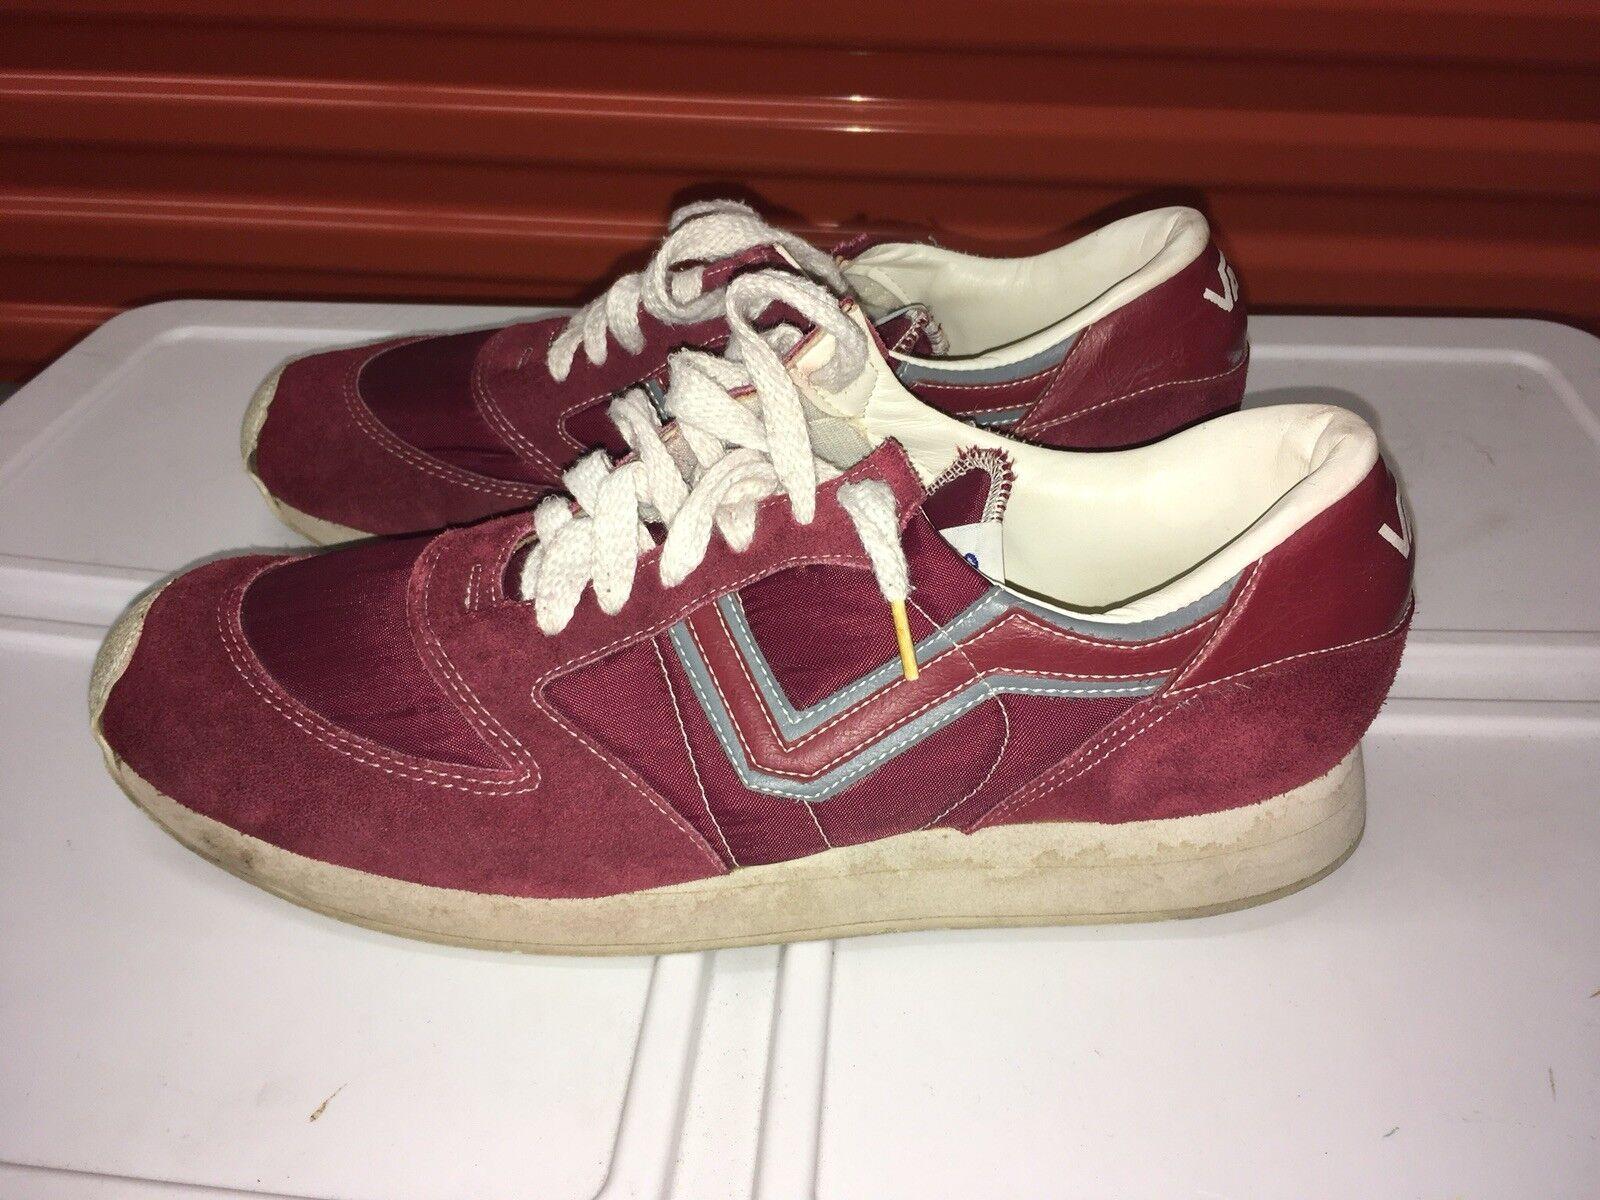 VANS SERIO Runners Vintage Running Shoes Size 12 Big V Maroon Sneakers